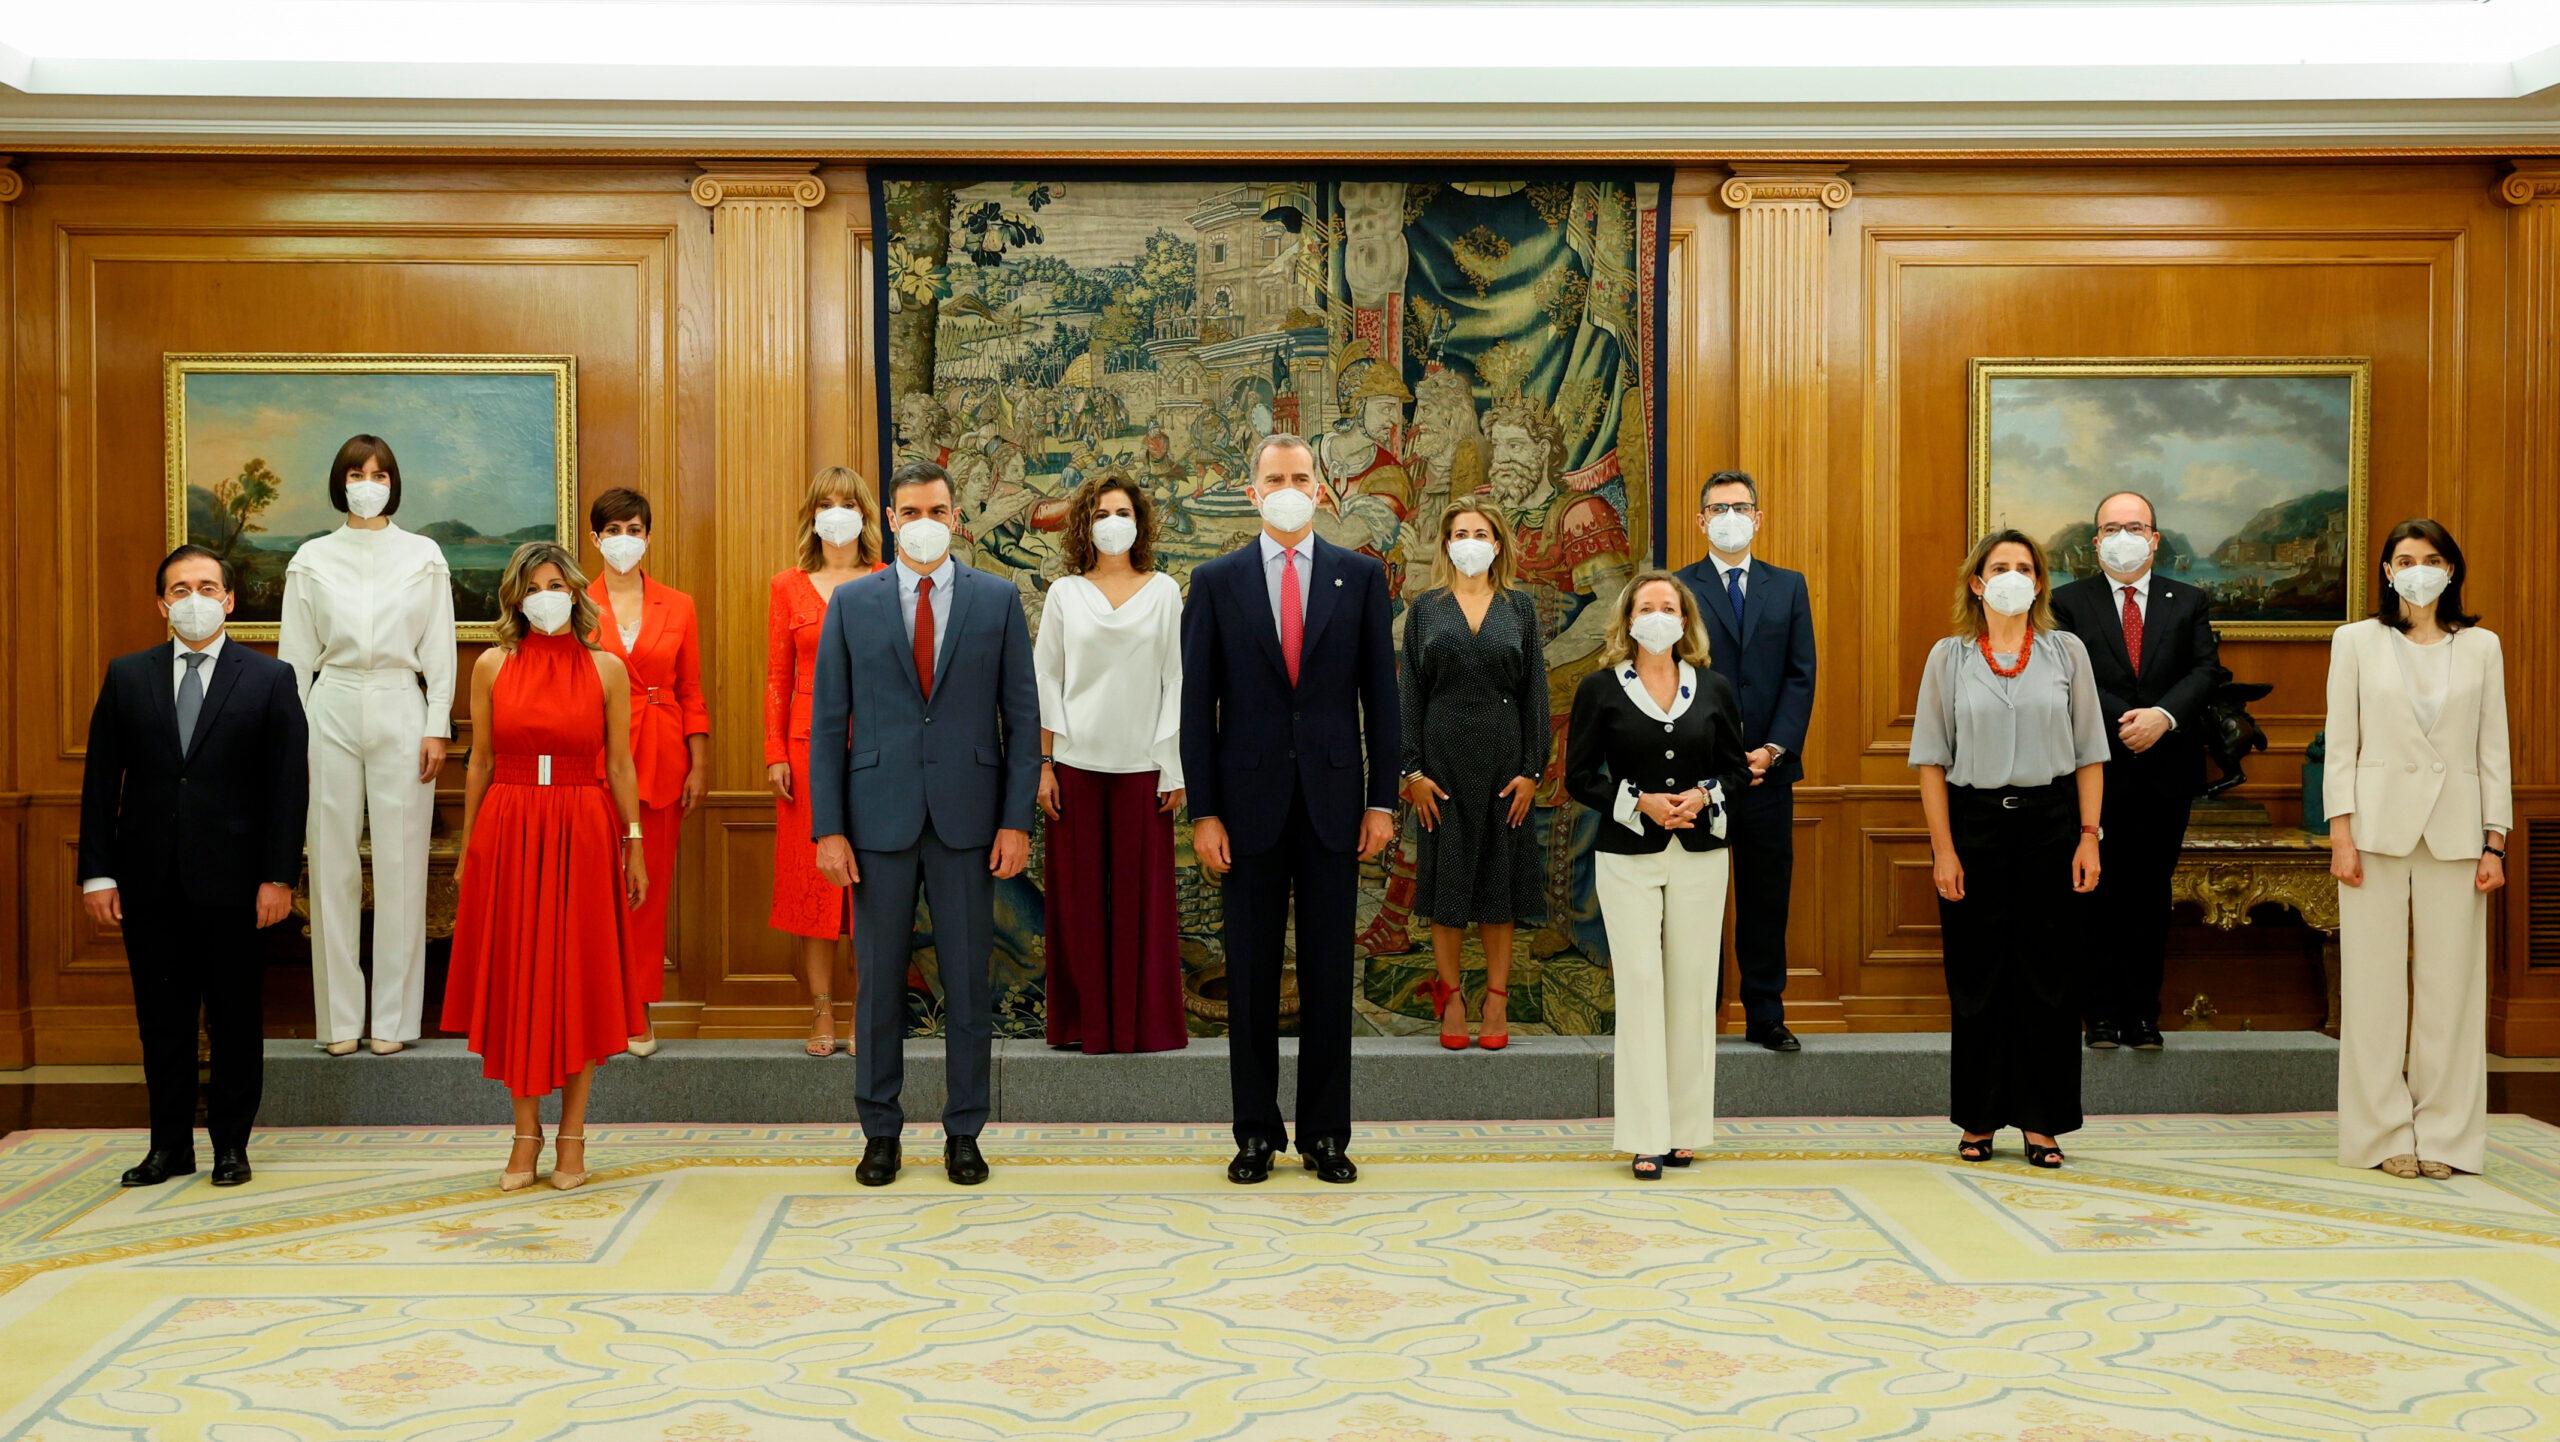 Els nous ministres del govern espanyol en l'acte de presa de possessió amb Felip VI el 12 de juliol del 2021 (ACN)